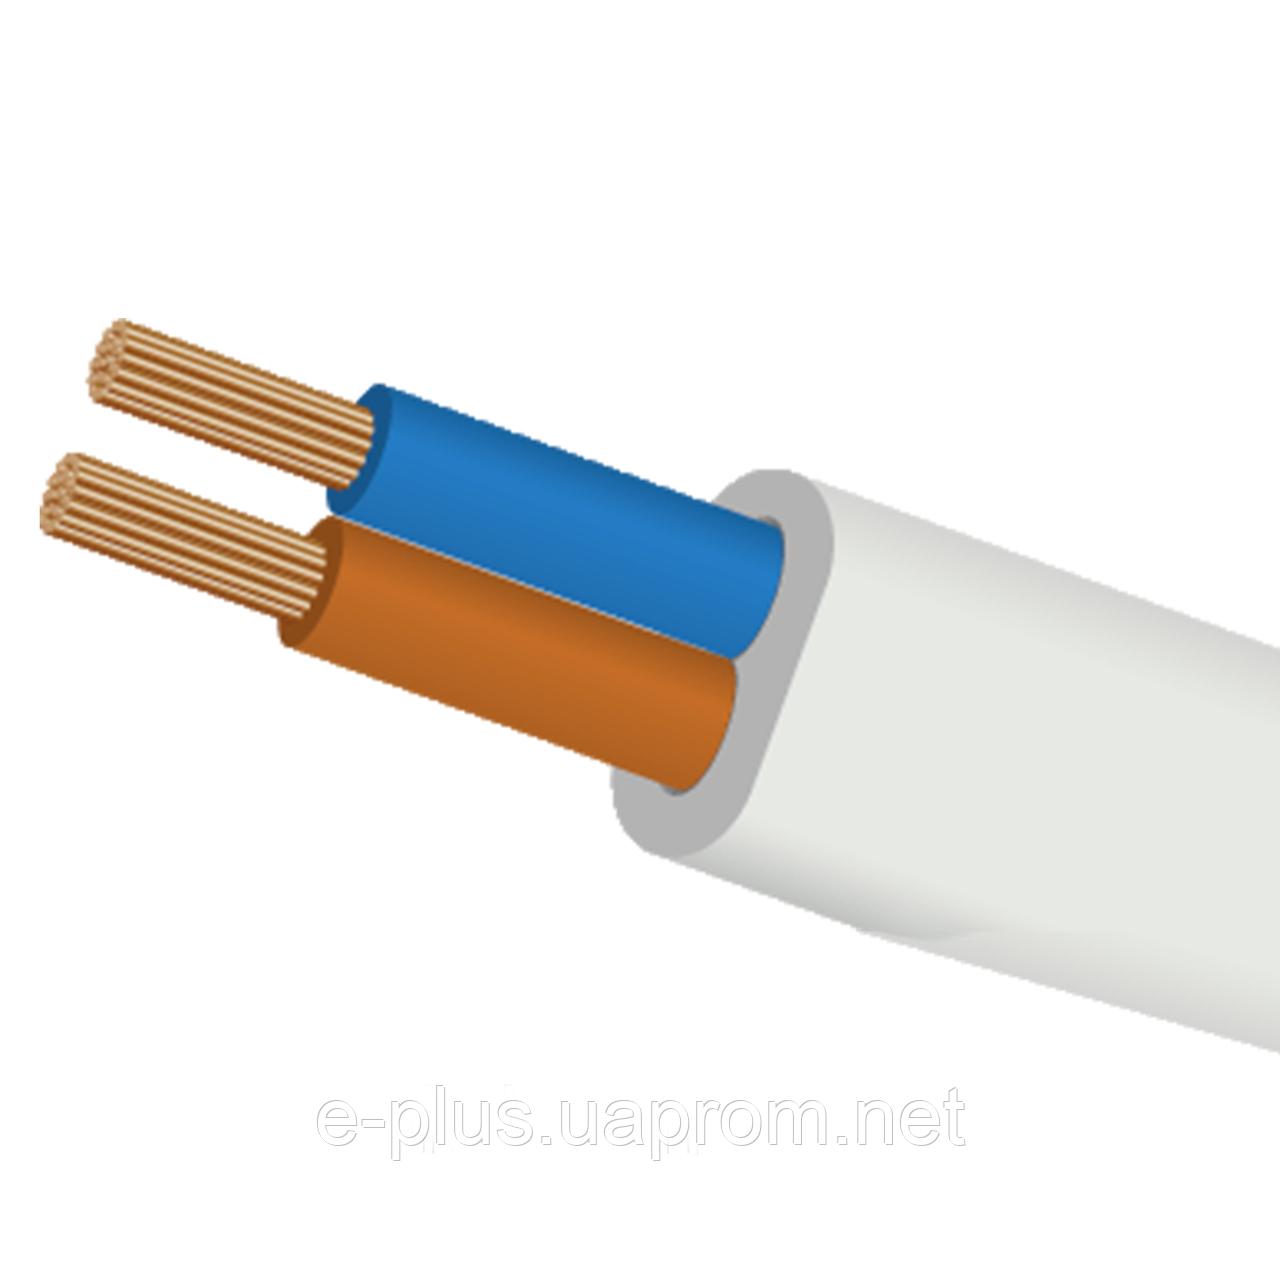 Медный провод/кабель ШВВП 2х2,5